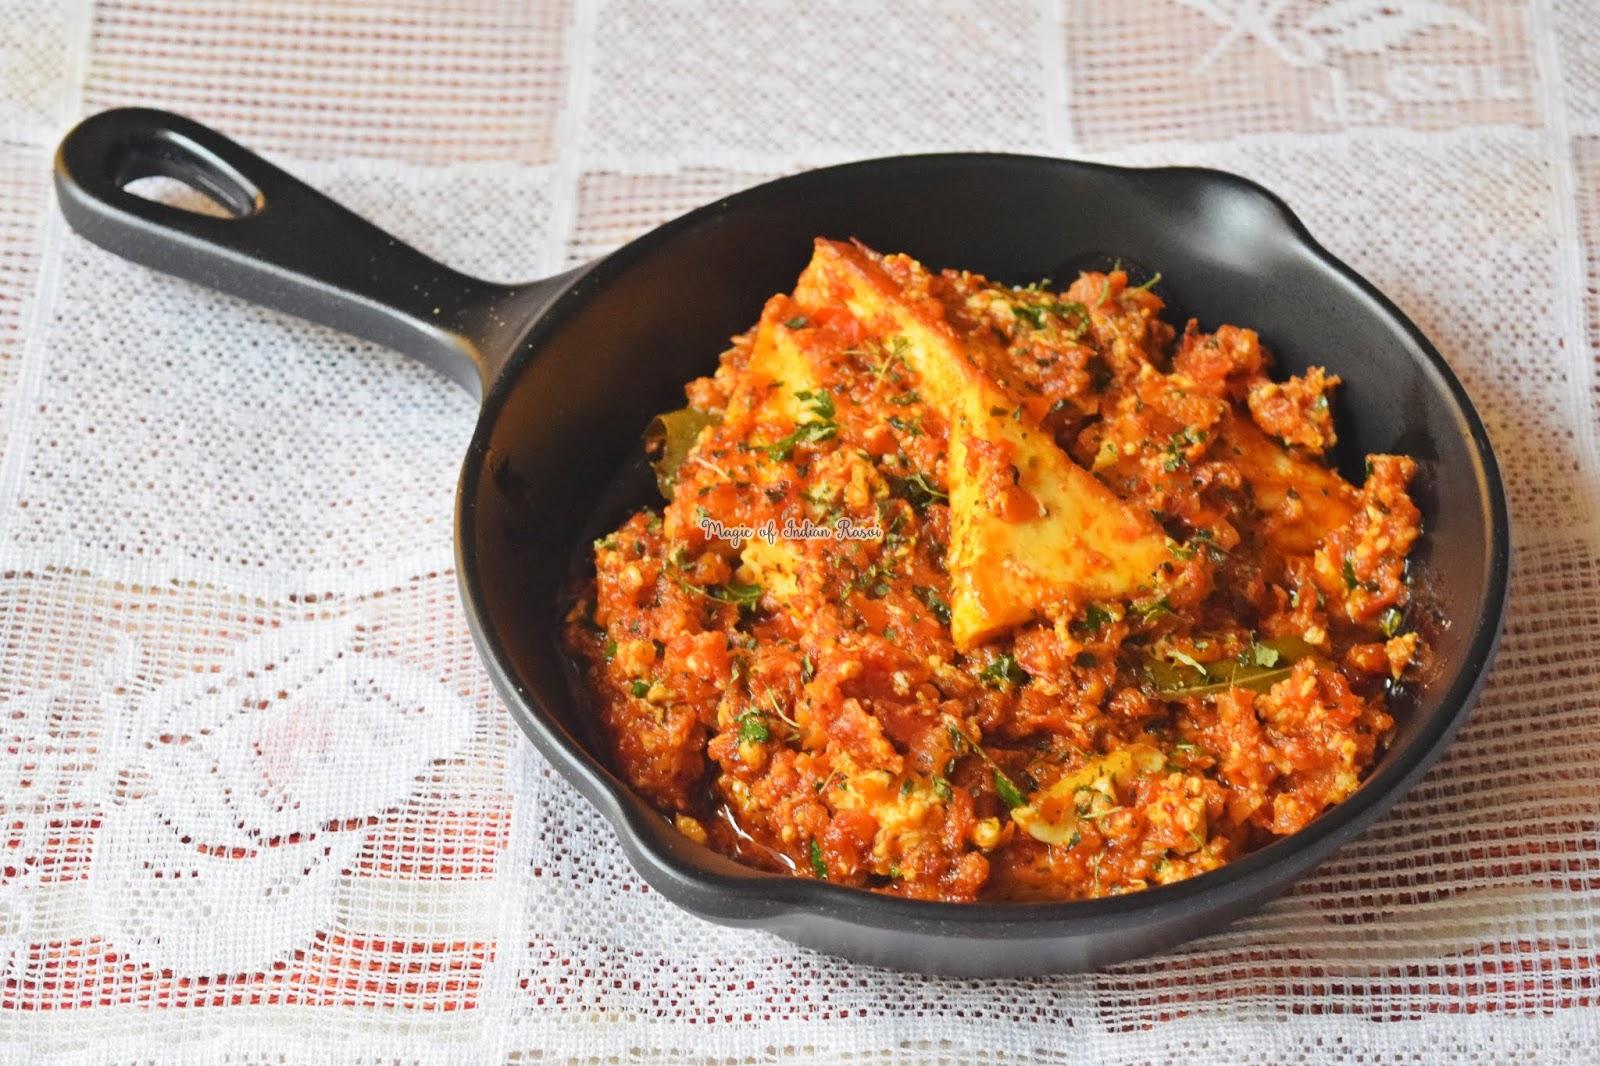 Restuarant Style Paneer Kadai Sabji  Recipe - होटल जैसी पनीर कड़ाई सब्ज़ी - Priya R - Magic of Indian Rasoi